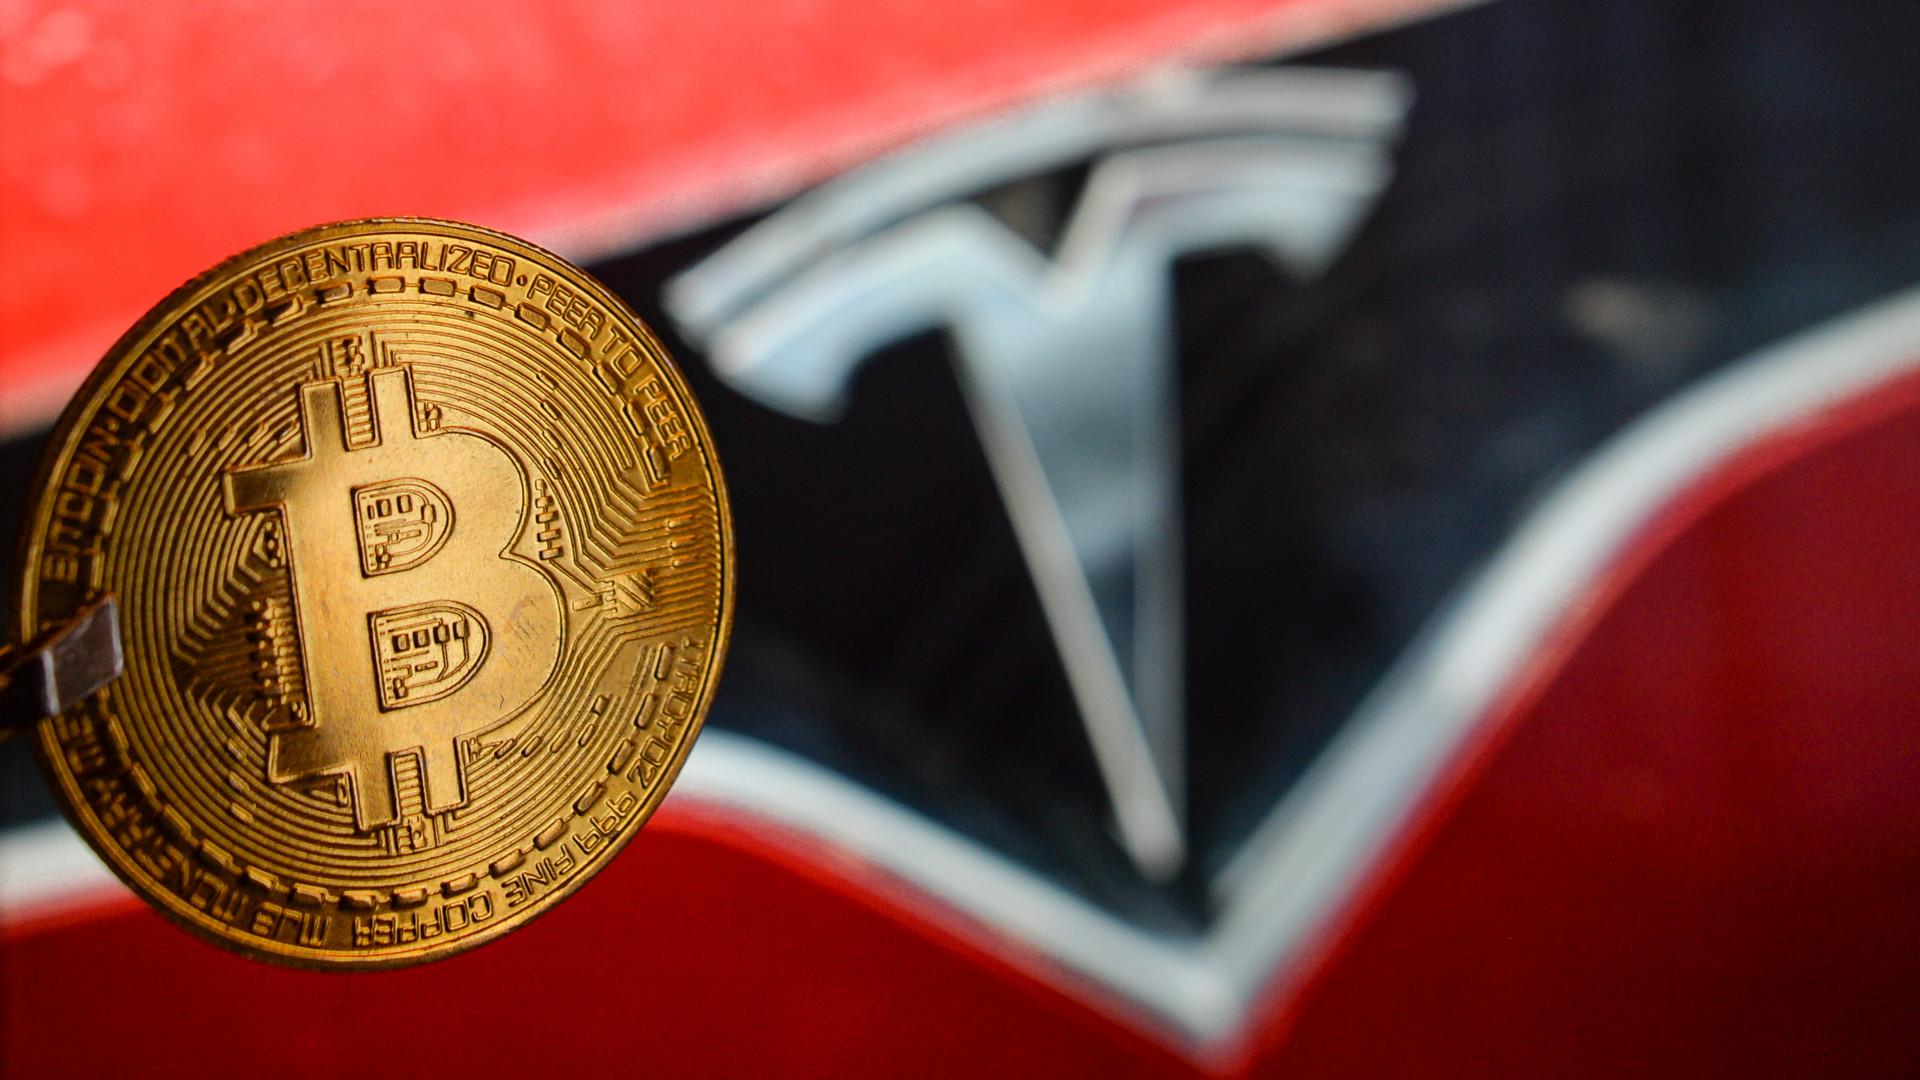 kereskedelem 212 képes vásárolni bitcoint